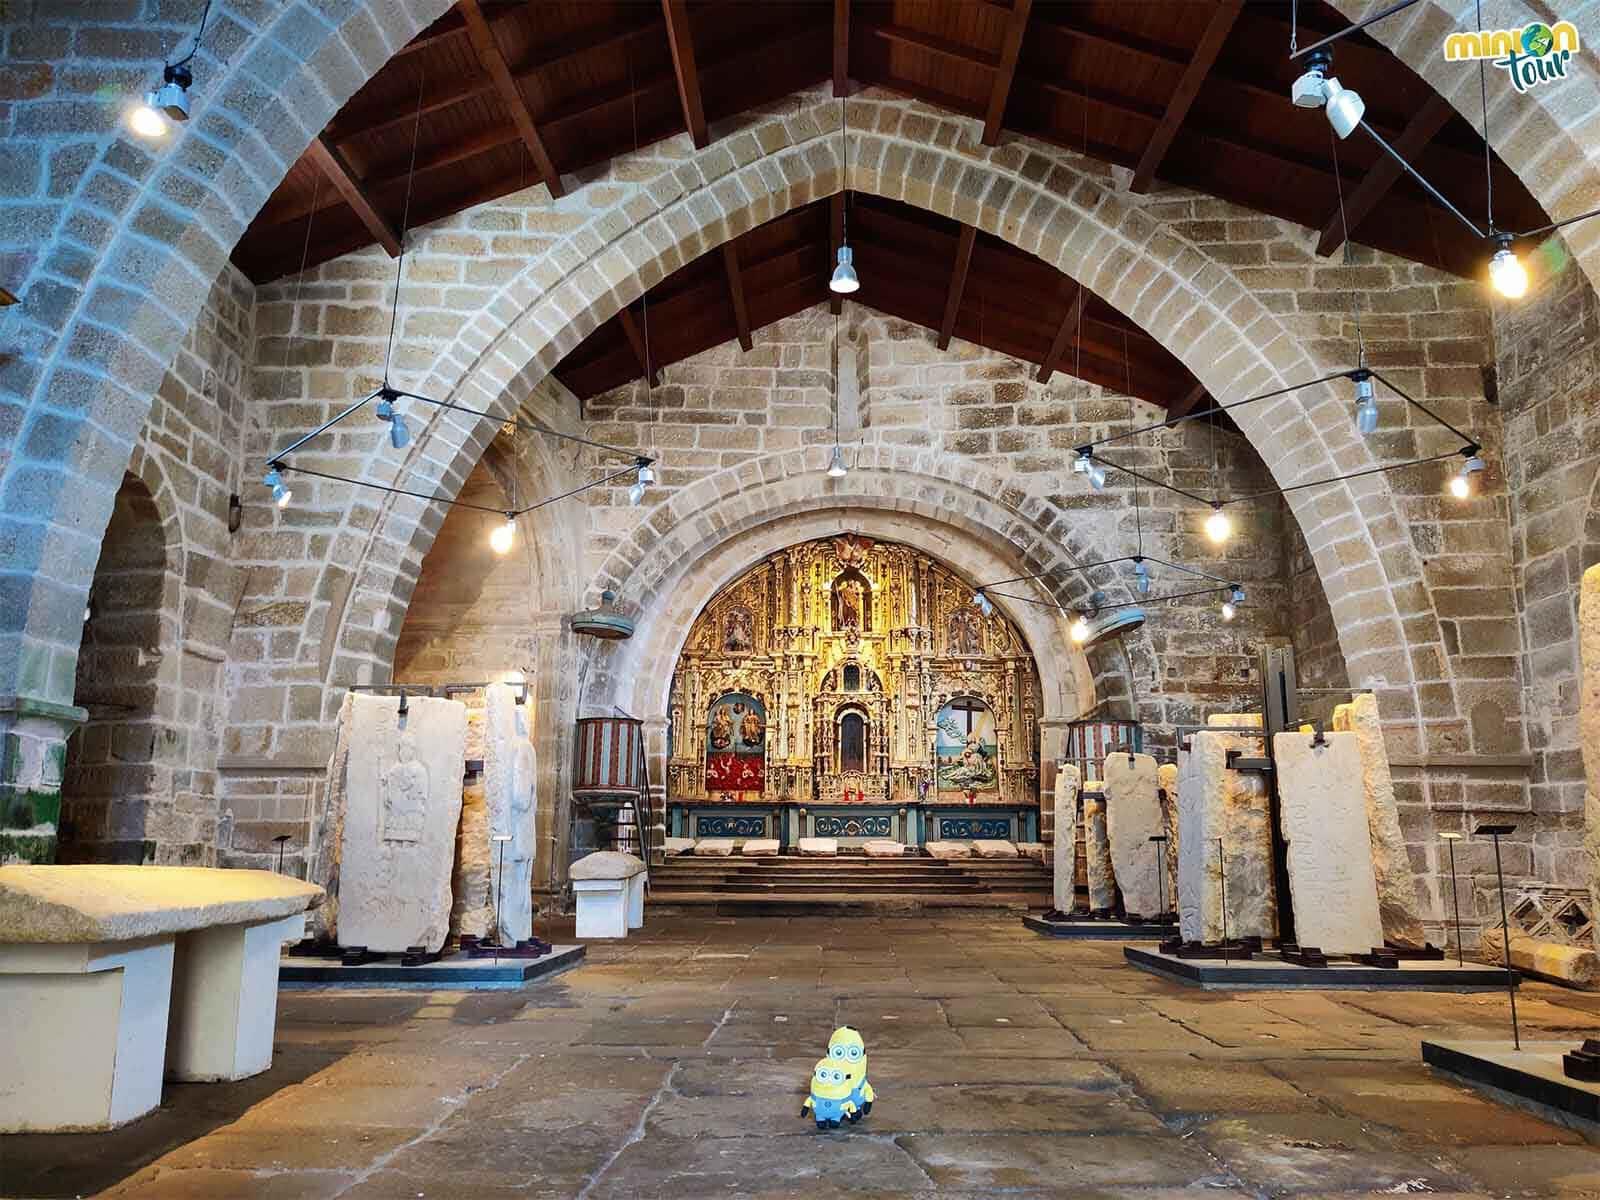 Estamos viendo lápidas gremiales en la Iglesia de Santa María en Noia